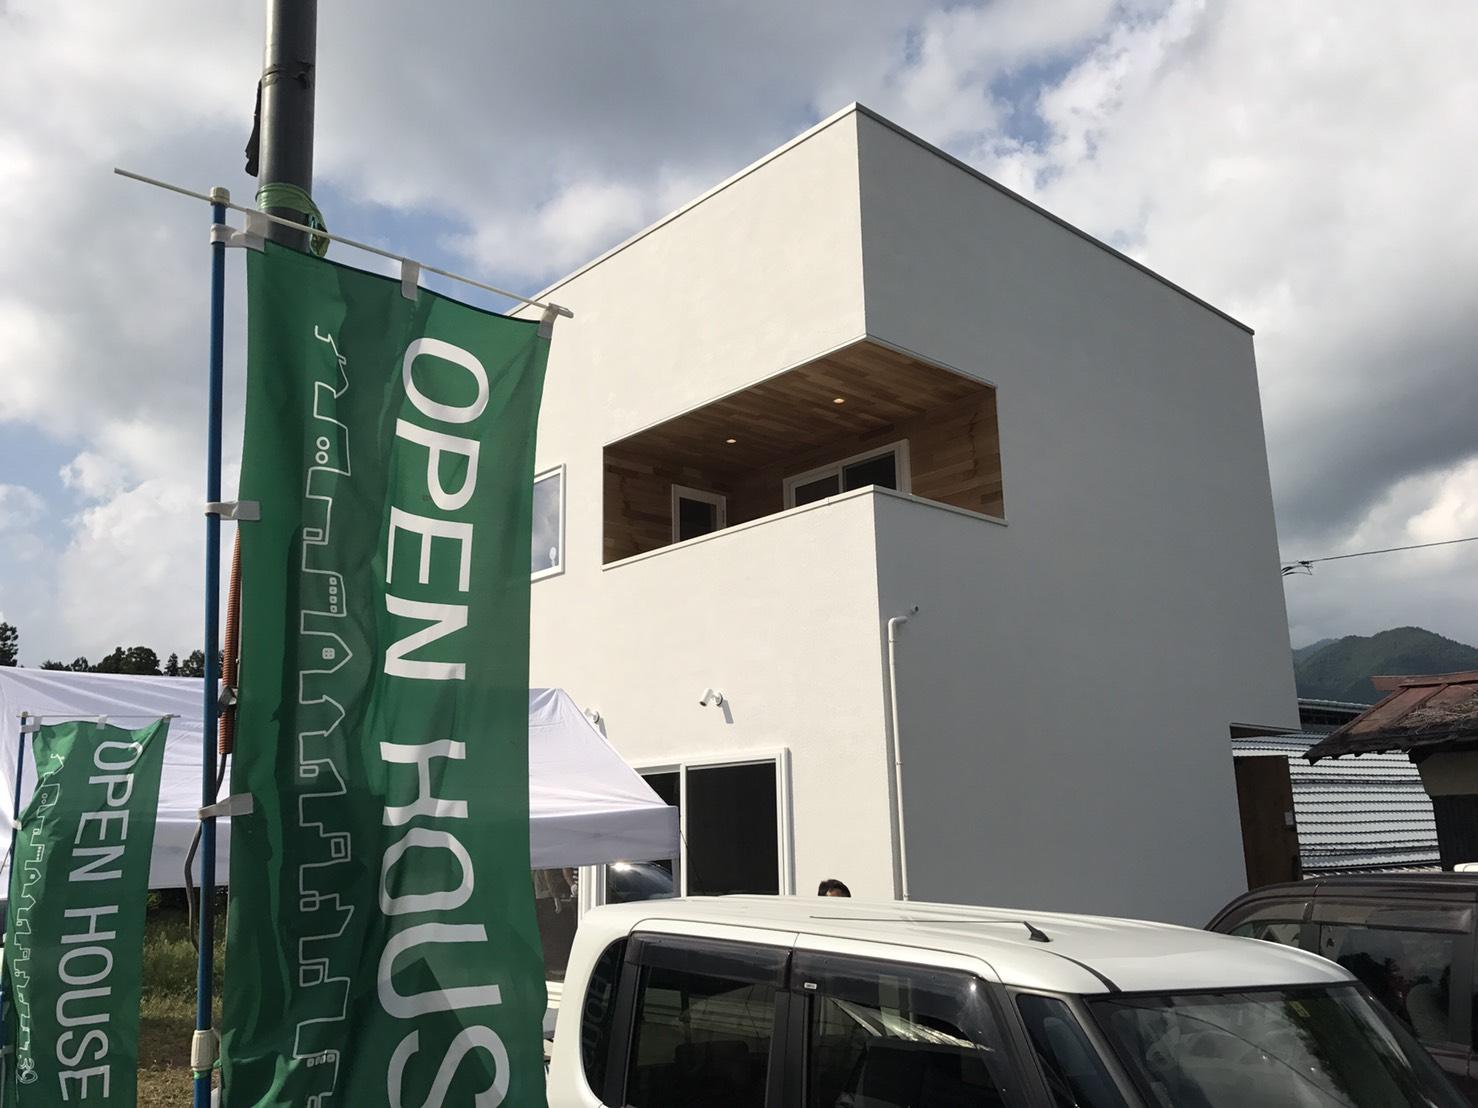 未来建築工房の家を知るには、「未来建築工房が実際に建てたオーナー様の家」を見学するのが一番!定期的に開催される「OPEN HOUSE」に参加してみましょう。